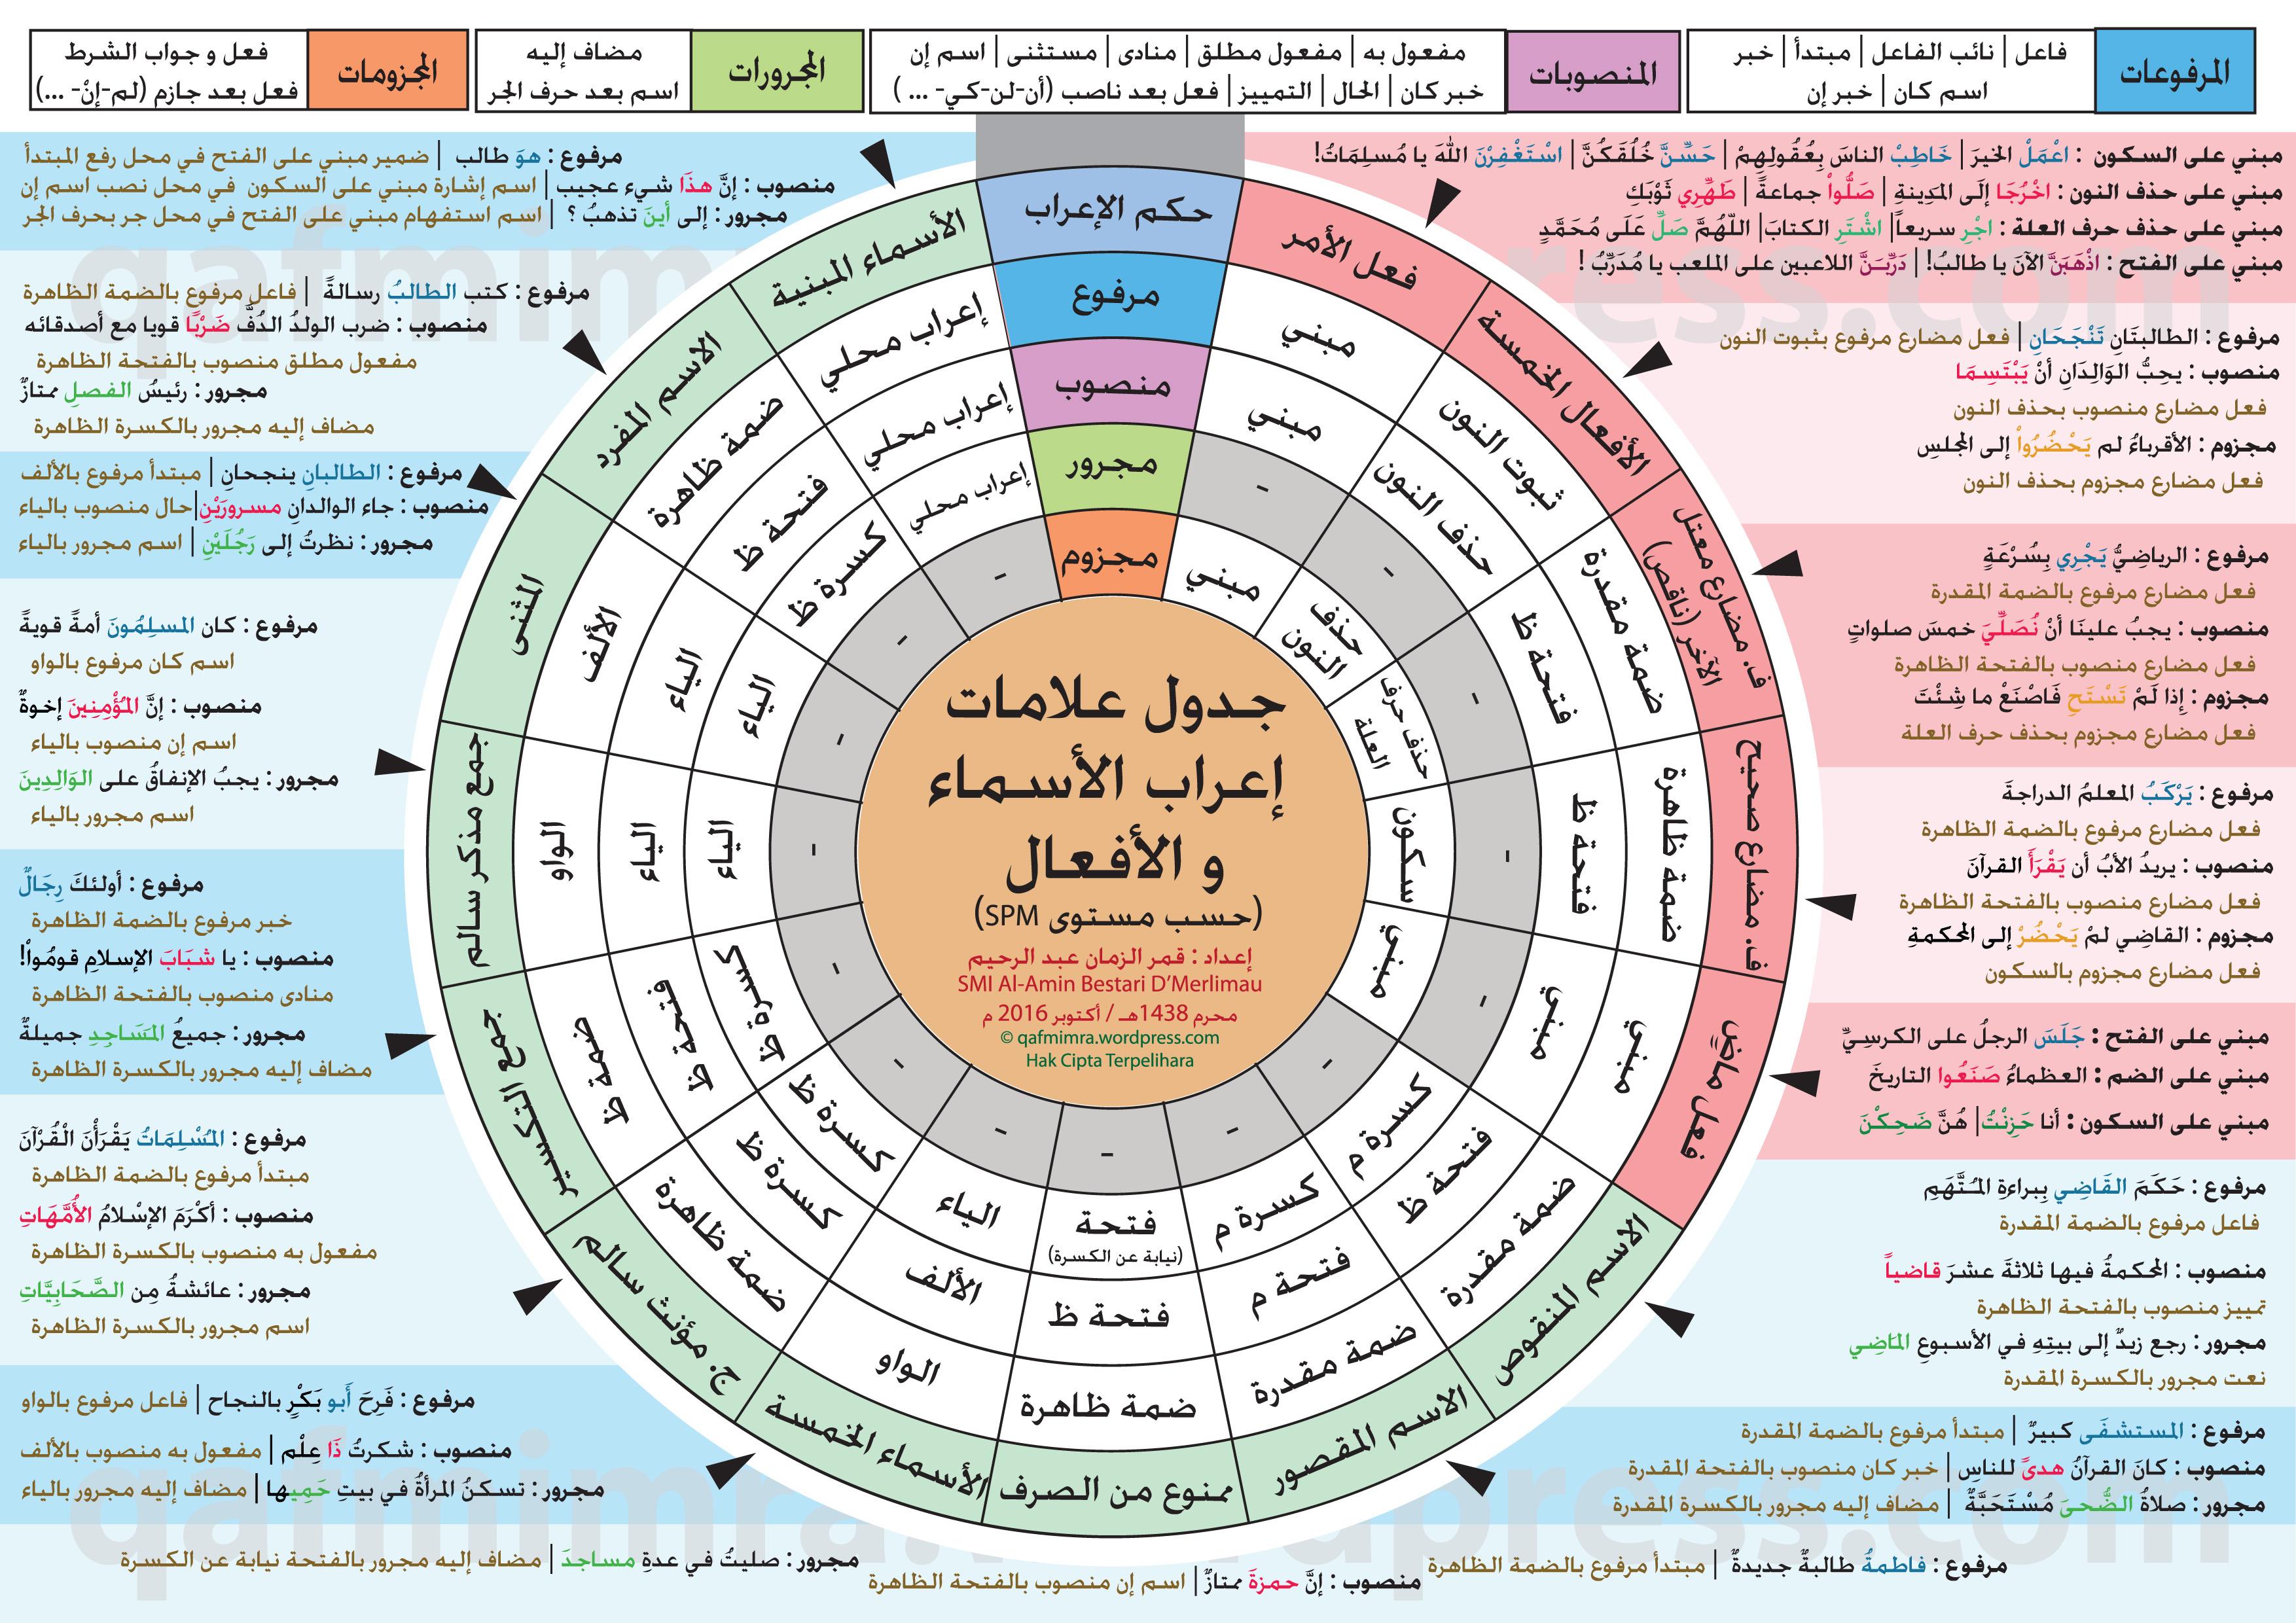 Jadual I Rab Spm Istimewa Berwarna Laman Blog Qafmimra